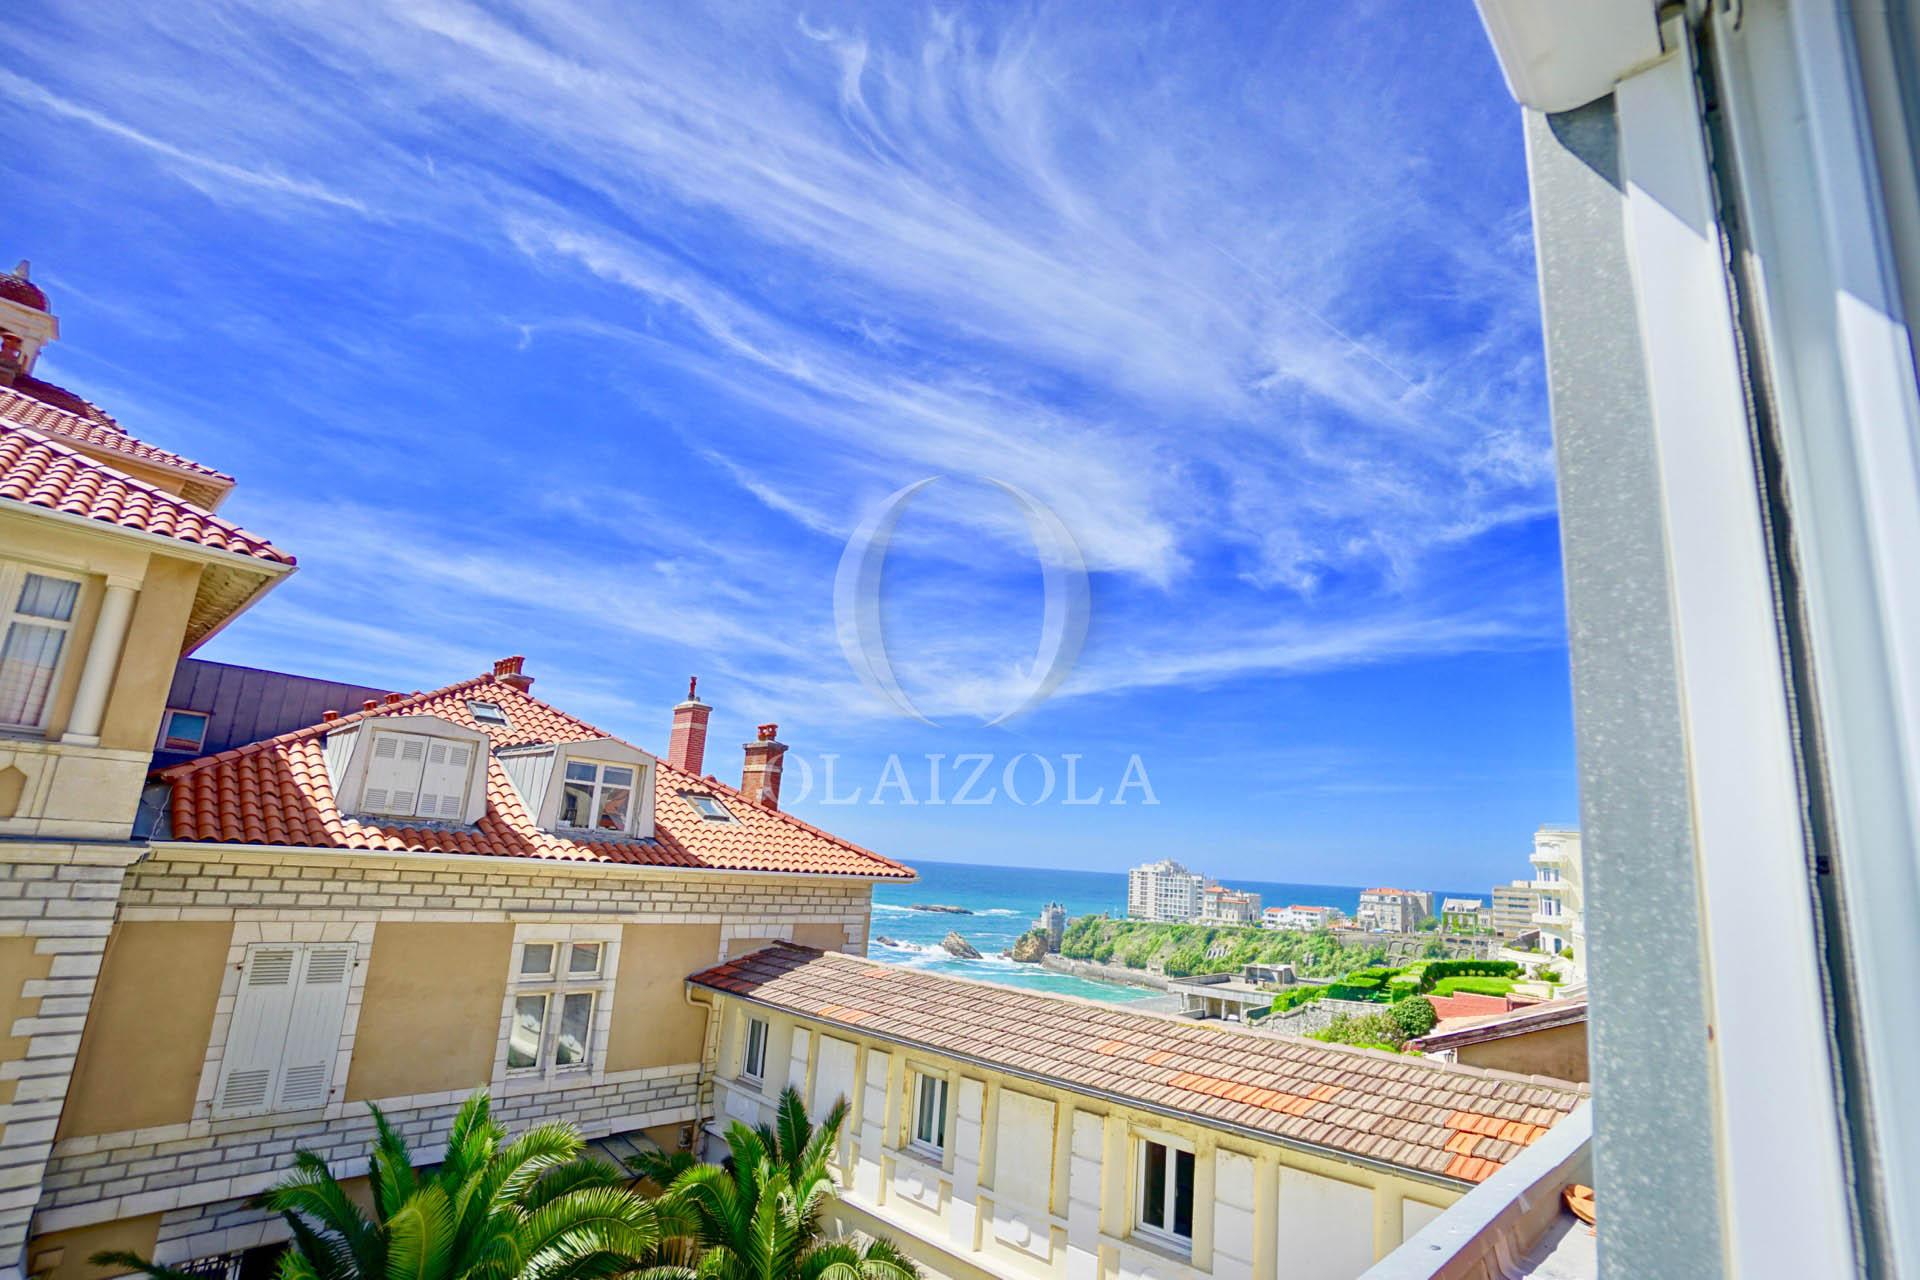 La cote des basques a vos pieds agence olaizola - Magnifique appartement de vacances pubillones ...